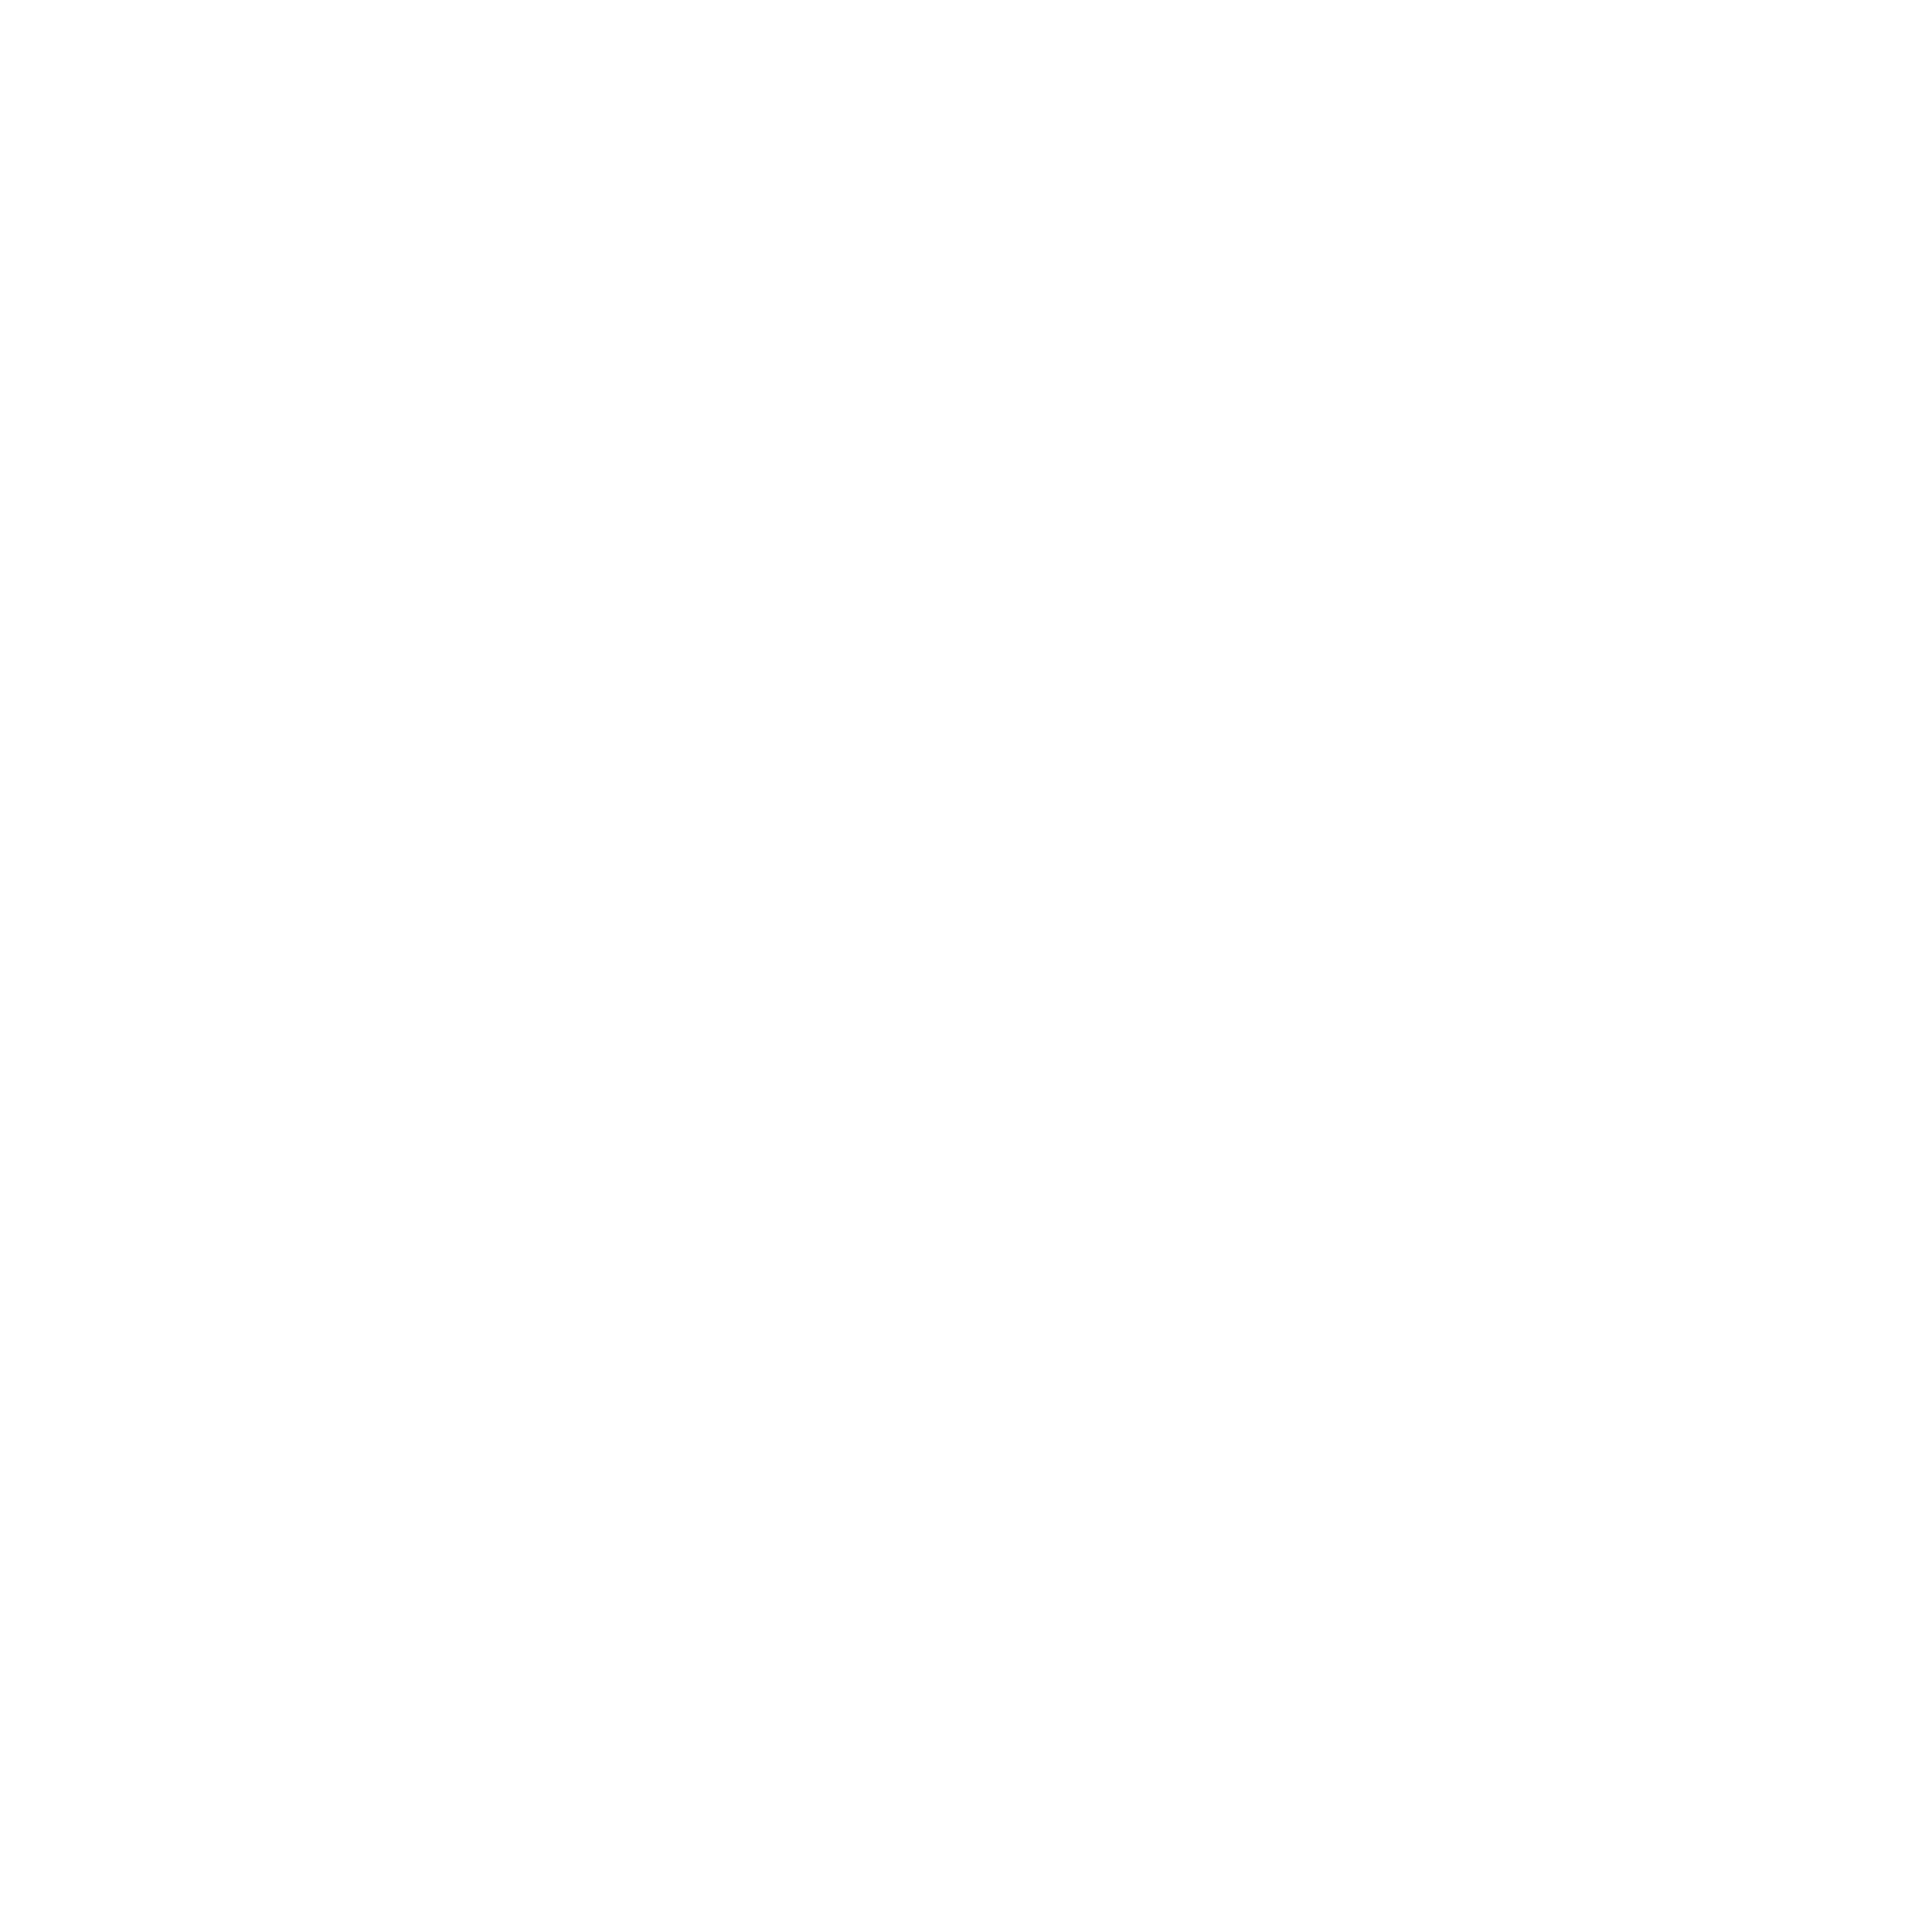 GIG-iconcs-white_cs6_Tavola disegno 1 copia 43.png